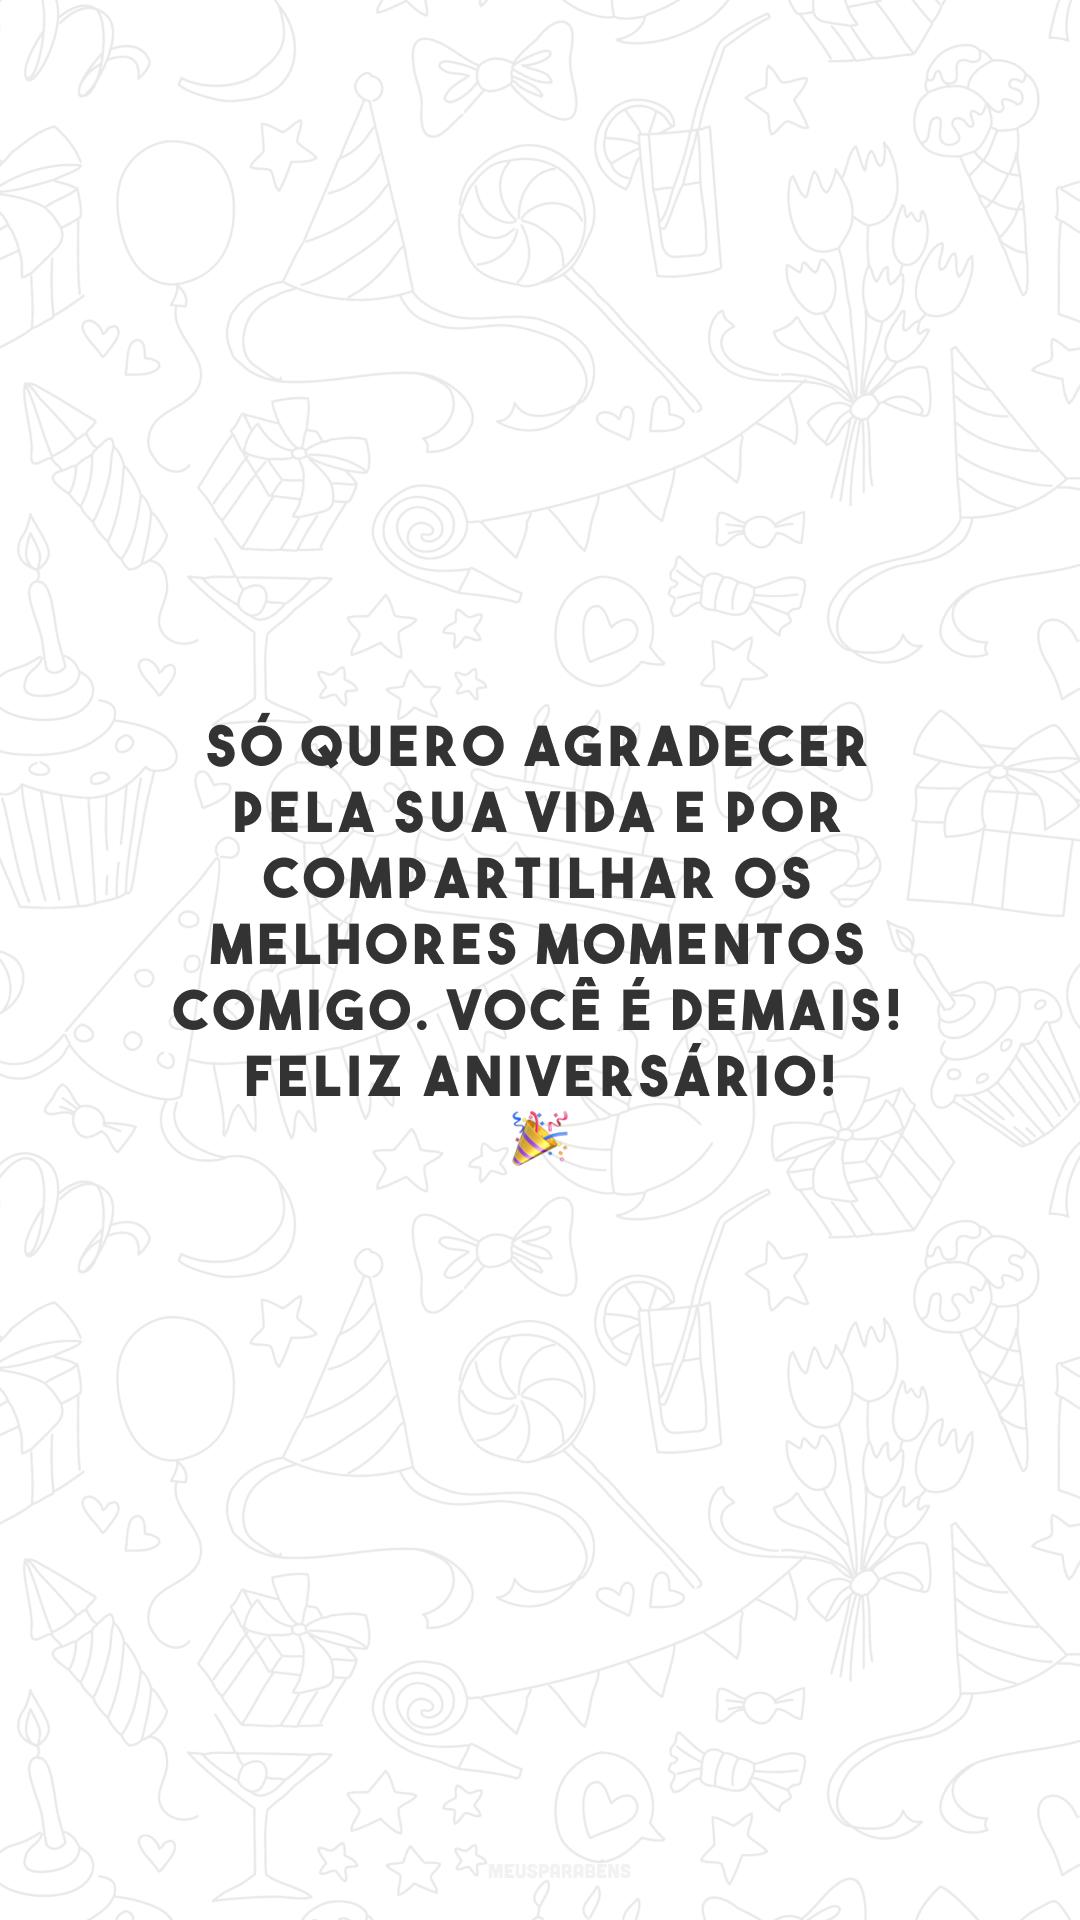 Só quero agradecer pela sua vida e por compartilhar os melhores momentos comigo. Você é demais! Feliz aniversário! 🎉